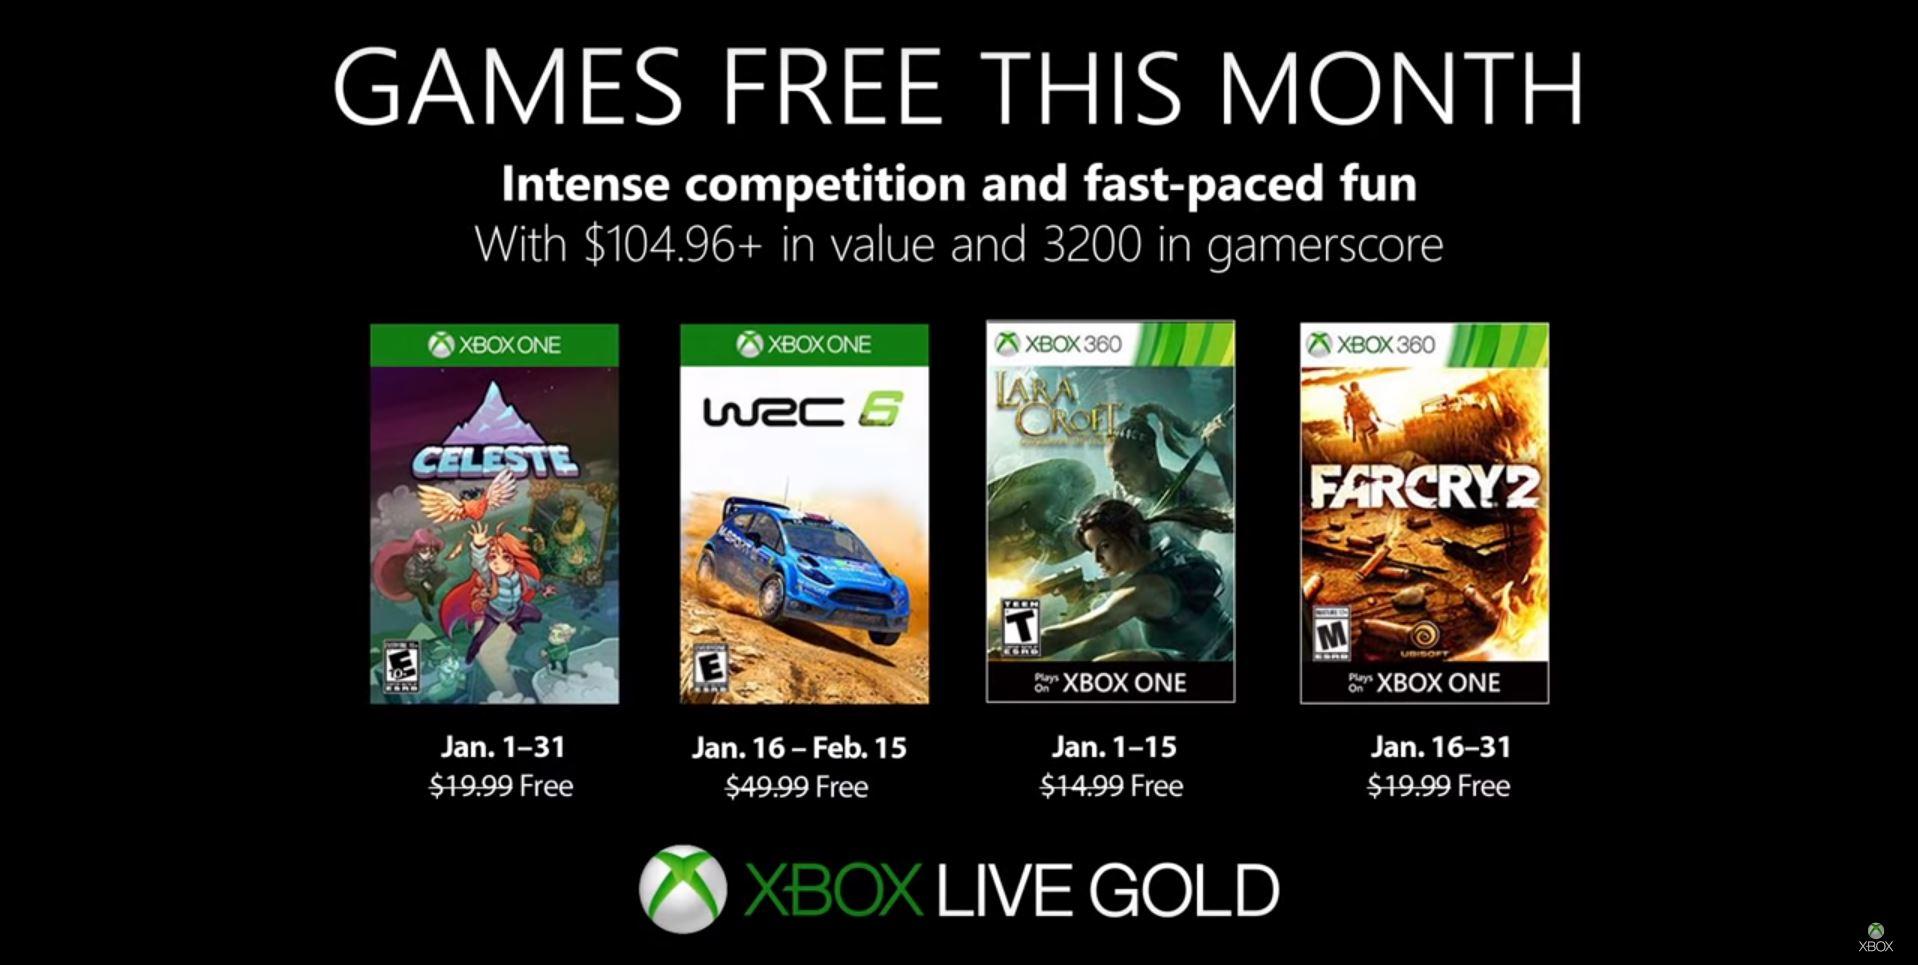 Xbox anunció los juegos gratuitos de Games with Gold de enero que llegan con uno de los mejores juegos del año